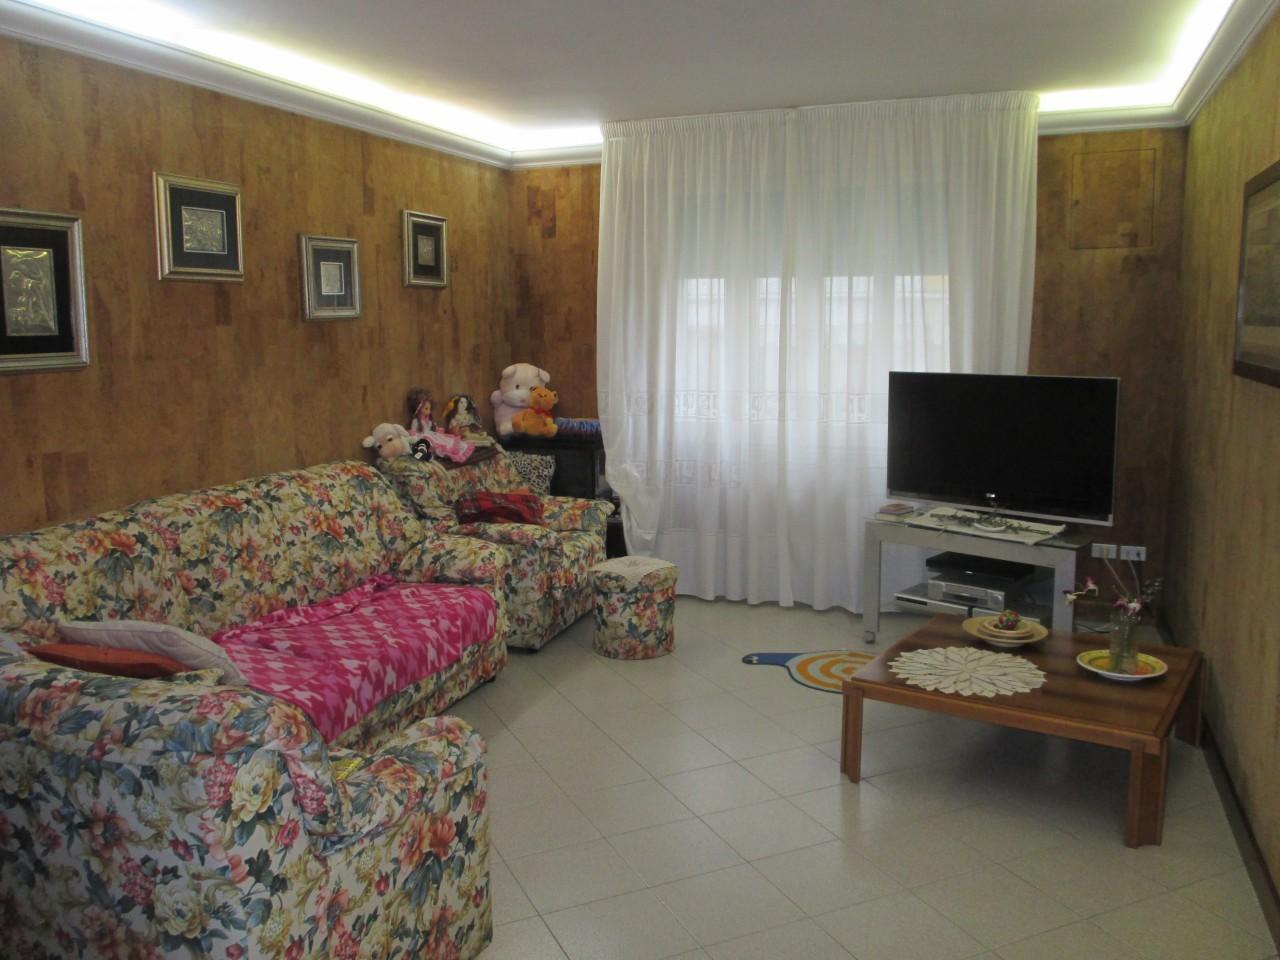 Soluzione Indipendente in vendita a Costa di Rovigo, 10 locali, prezzo € 90.000 | CambioCasa.it